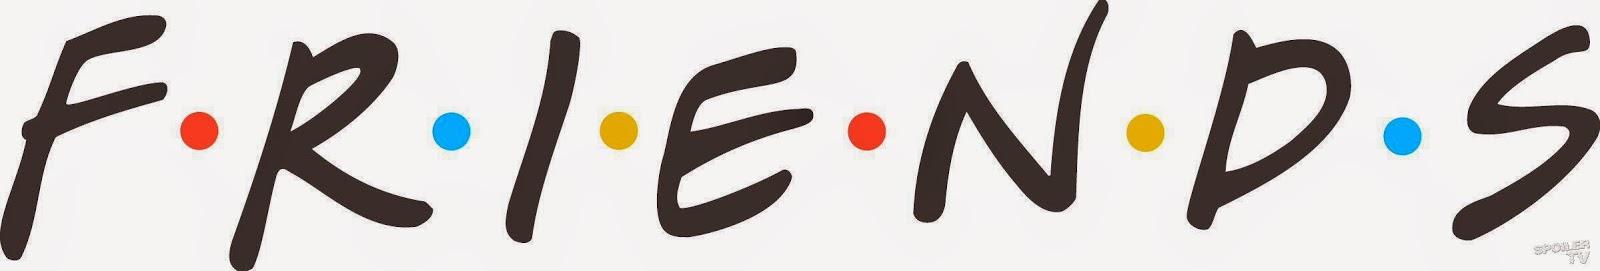 Friends Logos